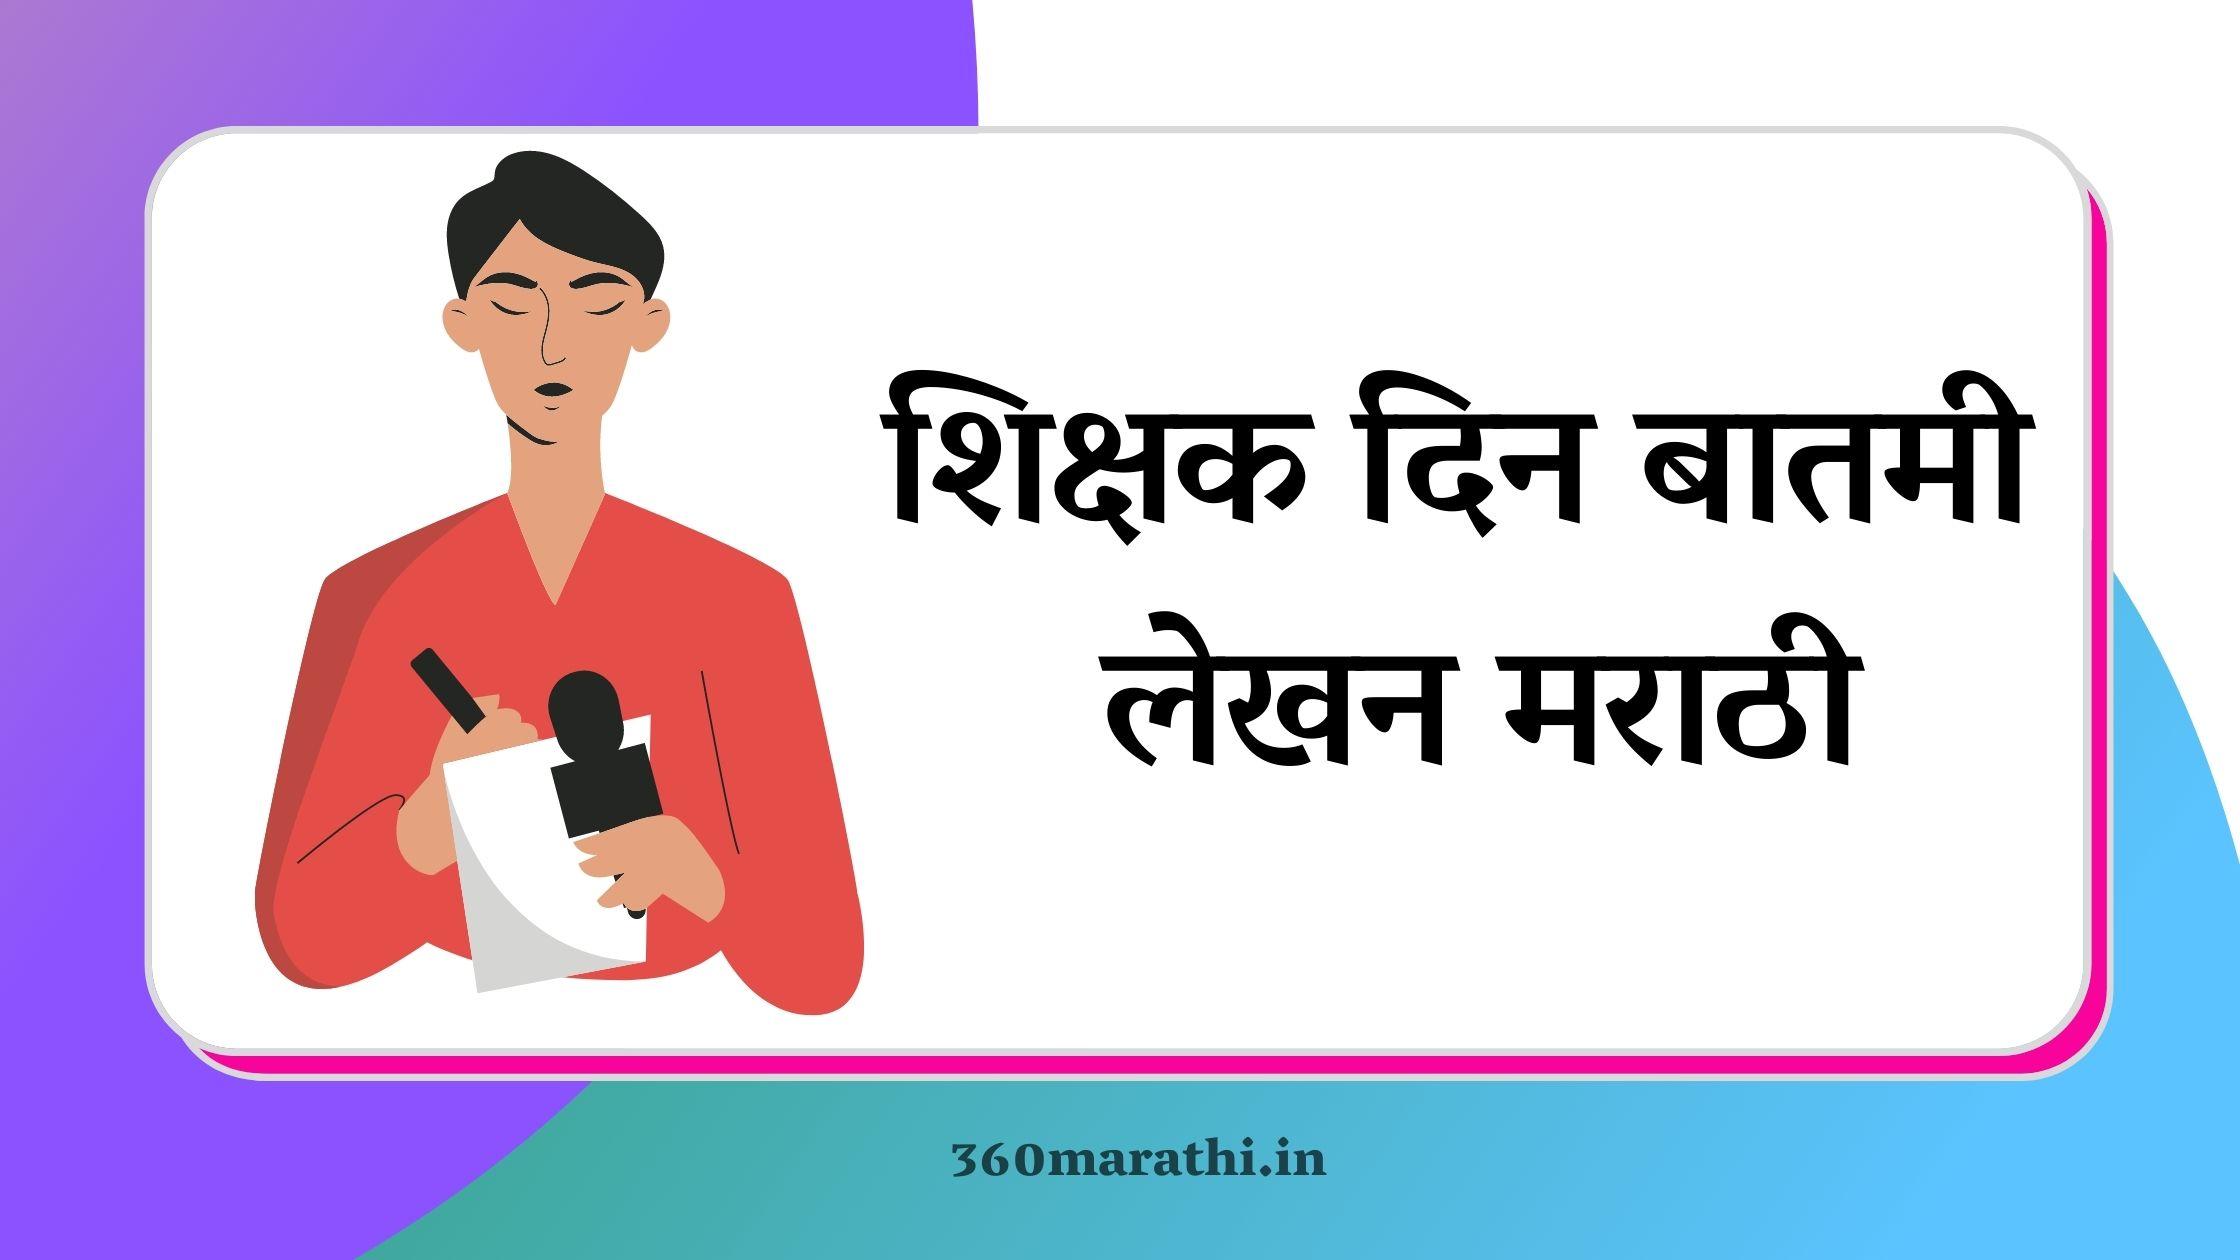 शिक्षक दिन बातमी लेखन मराठी | Shikshak din batmi lekhan marathi